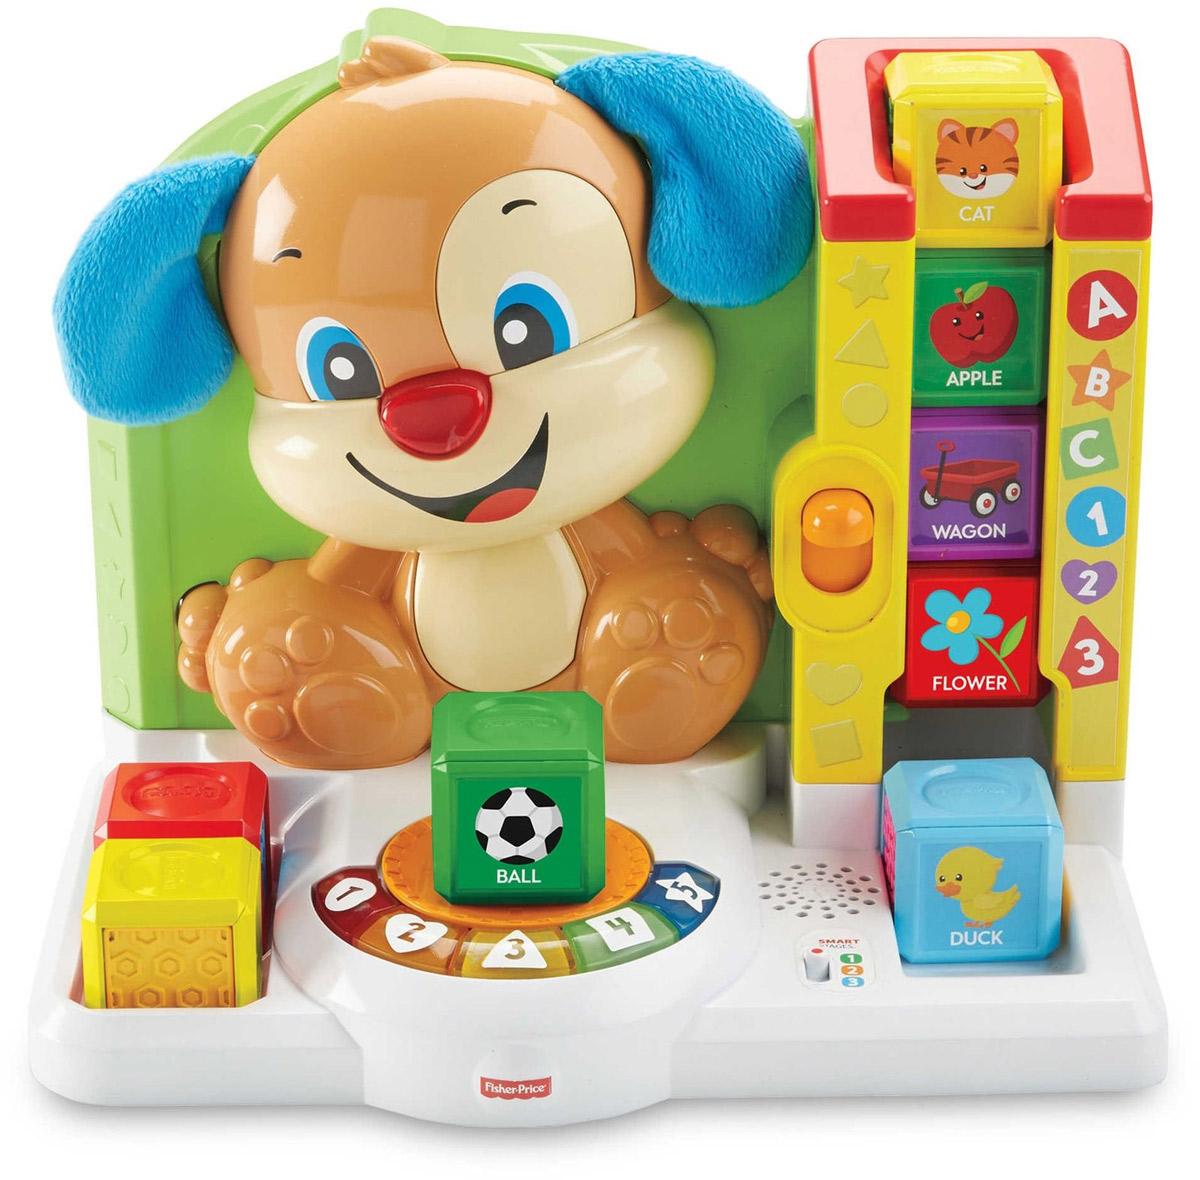 Fisher-Price Развивающая игрушка Игровая станция Ученого Щенка Первые слова по какой цене щенка